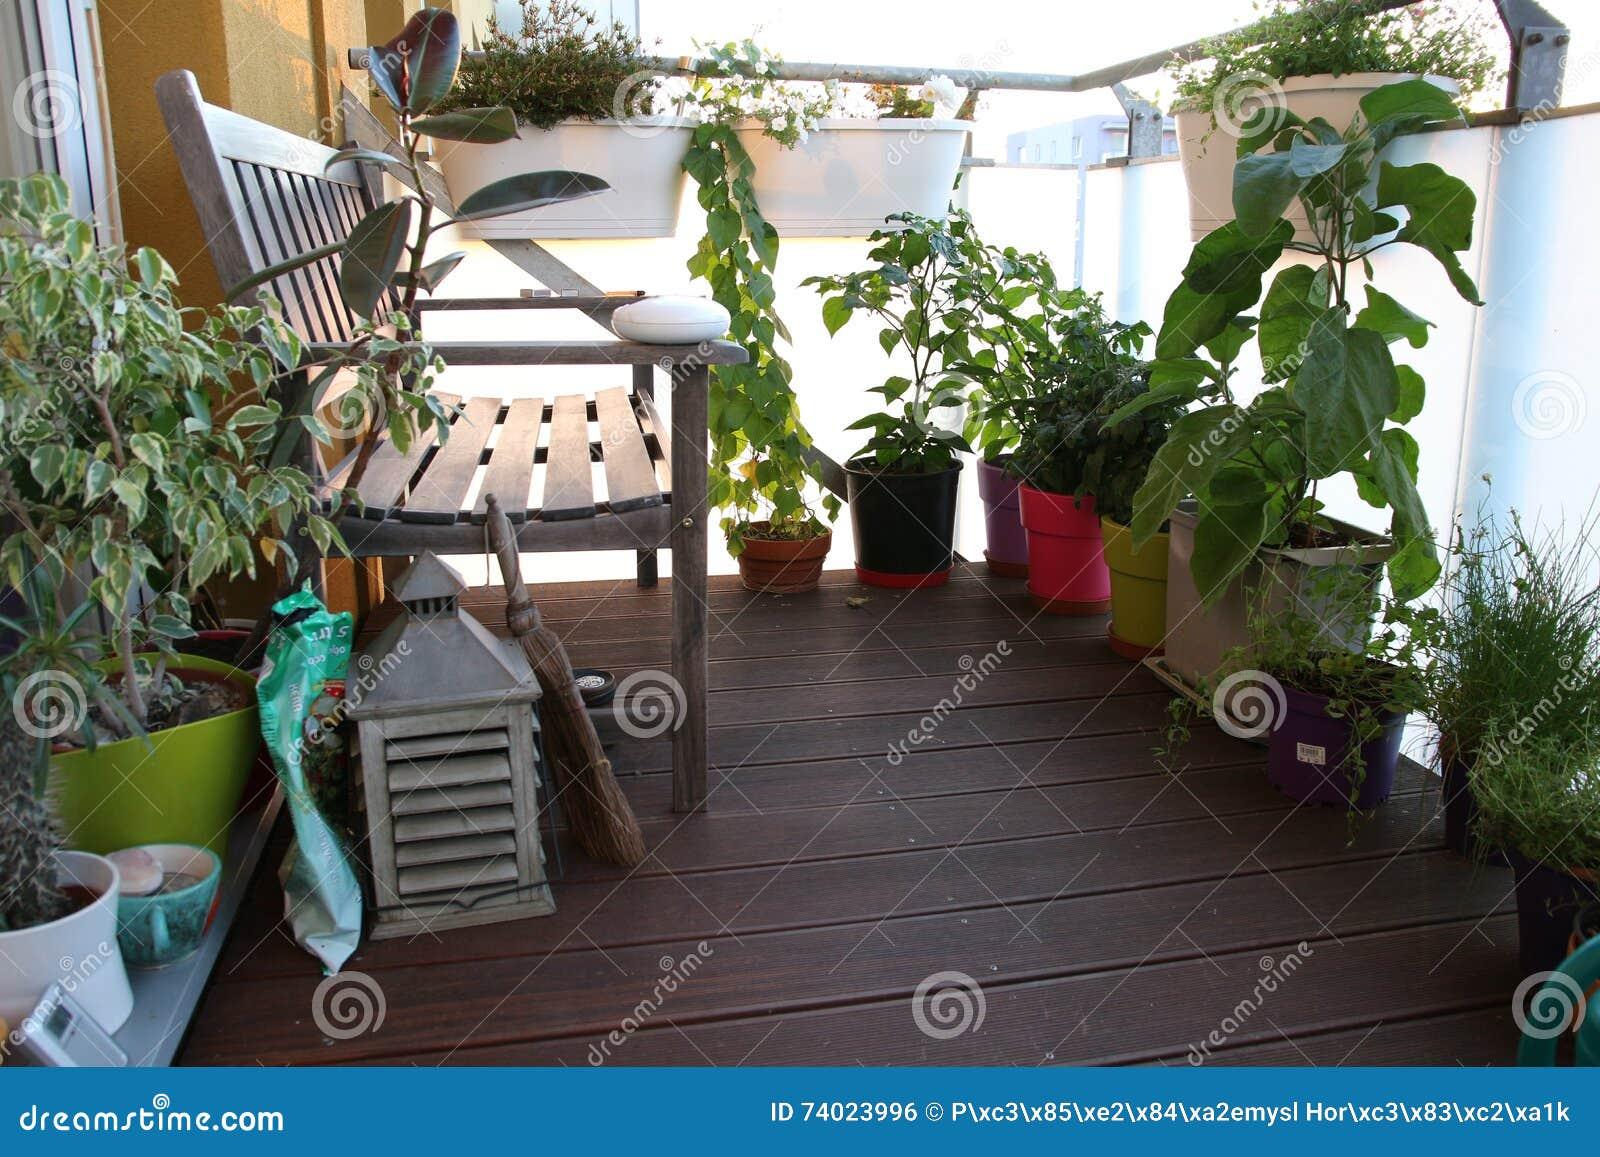 Piccolo Giardino Sul Balcone : Mobilia e un piccolo giardino sul terrazzo fotografia stock